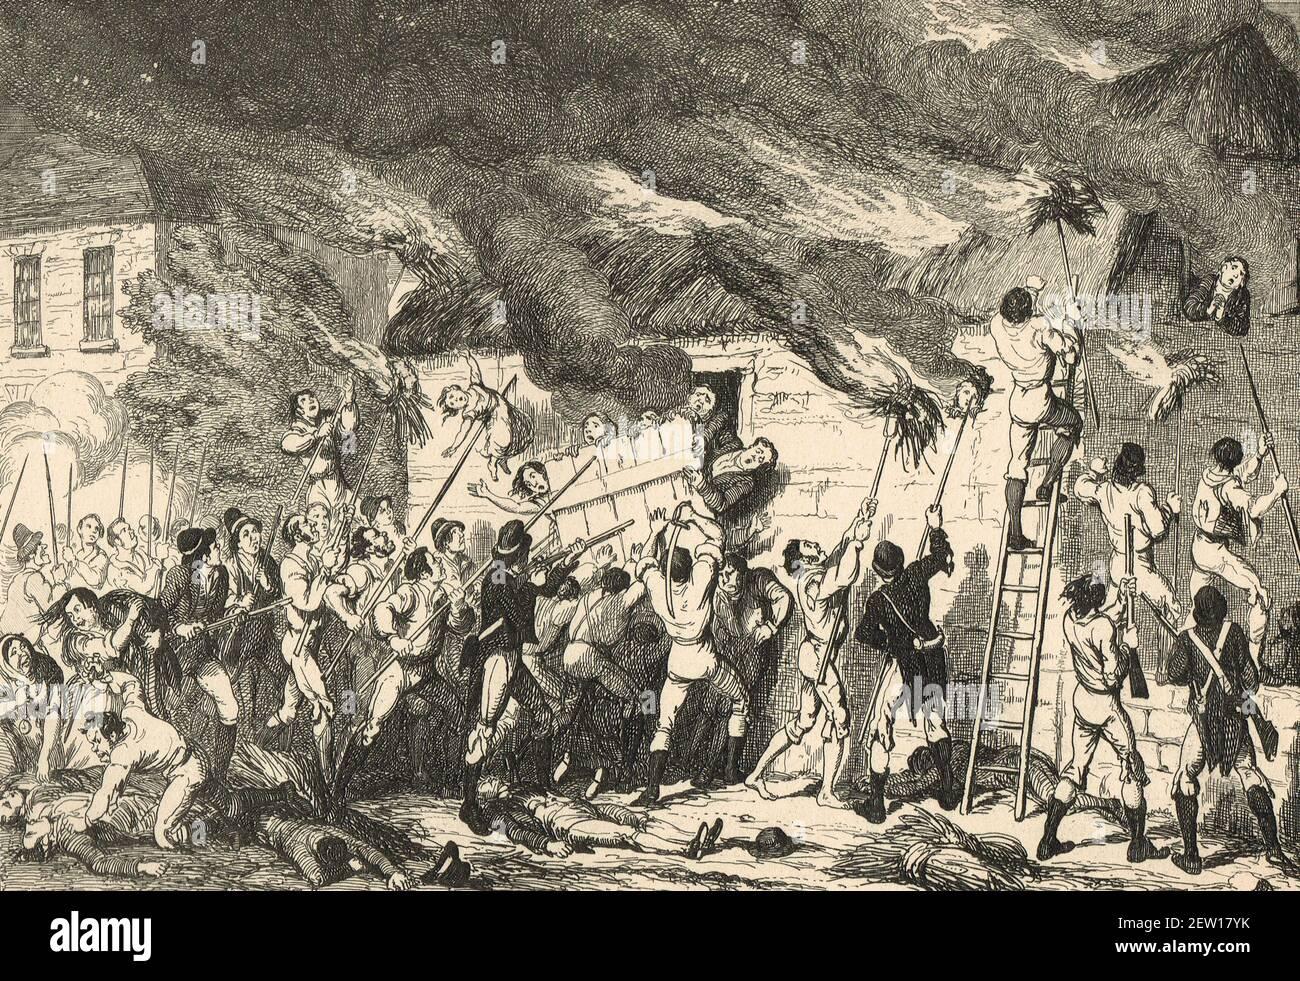 La masacre de Scullabogue, cerca de Newbown, Condado de Wexford, 5 de junio de 1798, los insurgentes masacraron a hombres no combatientes mujeres y niños, la mayoría de los cuales eran protestantes, detenidos en un granero que luego fue incendiado, Durante la rebelión irlandesa de 1798 en represalia por el ejército británico incendiando una casa que contenía heridos en la batalla cercana de New Ross Foto de stock